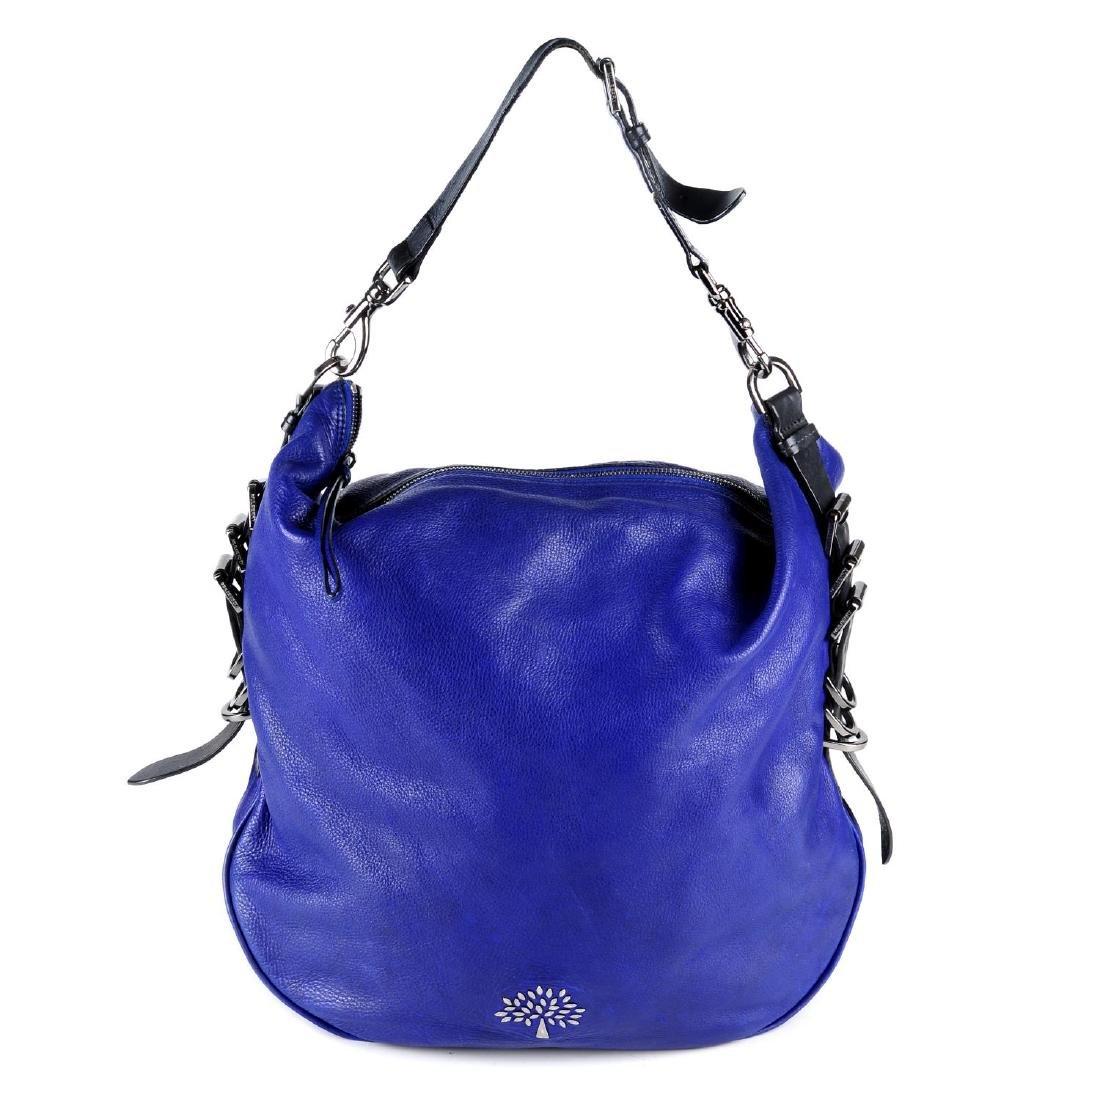 MULBERRY - a Mila Hobo handbag. Designed with an